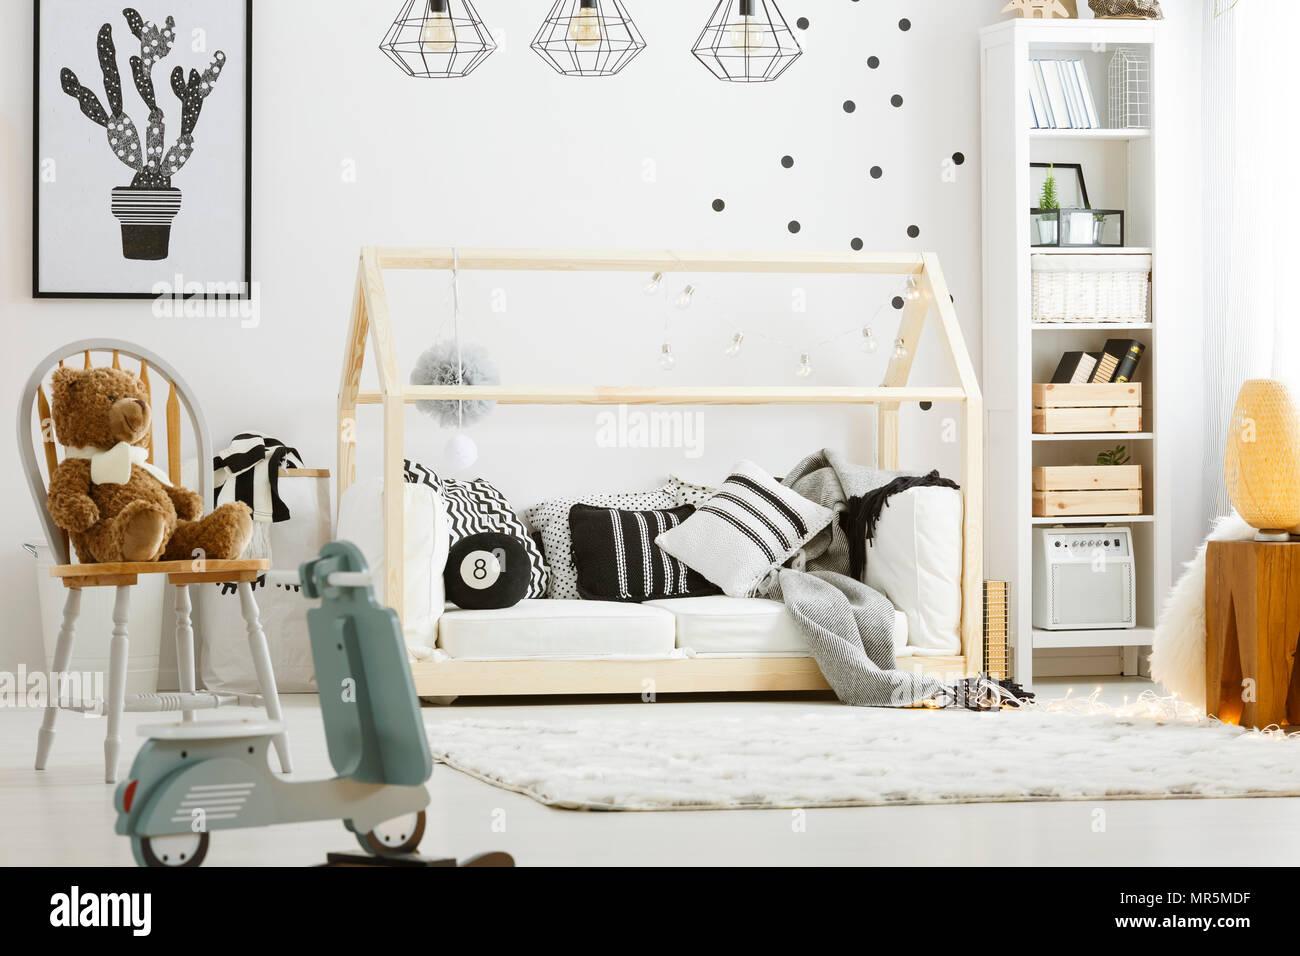 Kind Schlafzimmer Mit Holz Bett Rockigen Roller Lampen Und Stuhl